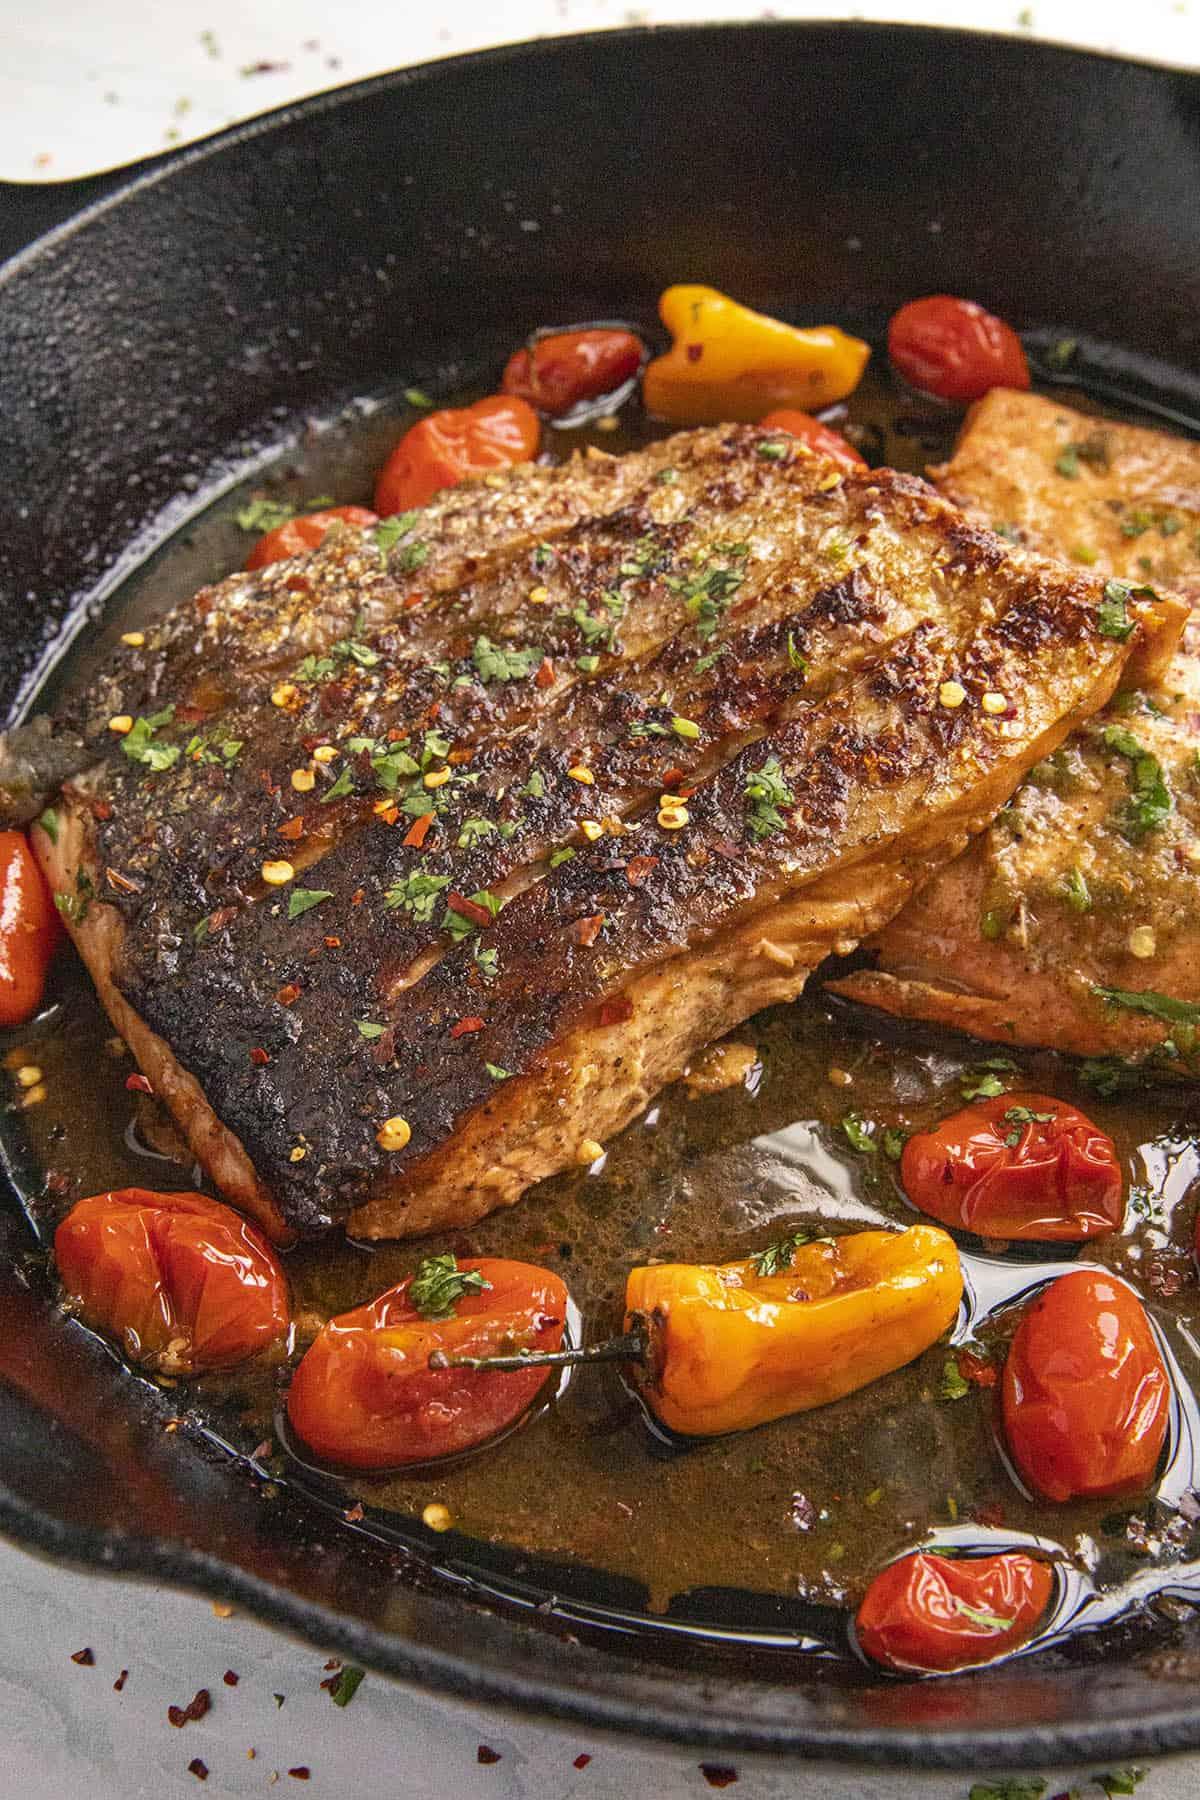 Crispy Skin side up Jerk Salmon in a pan